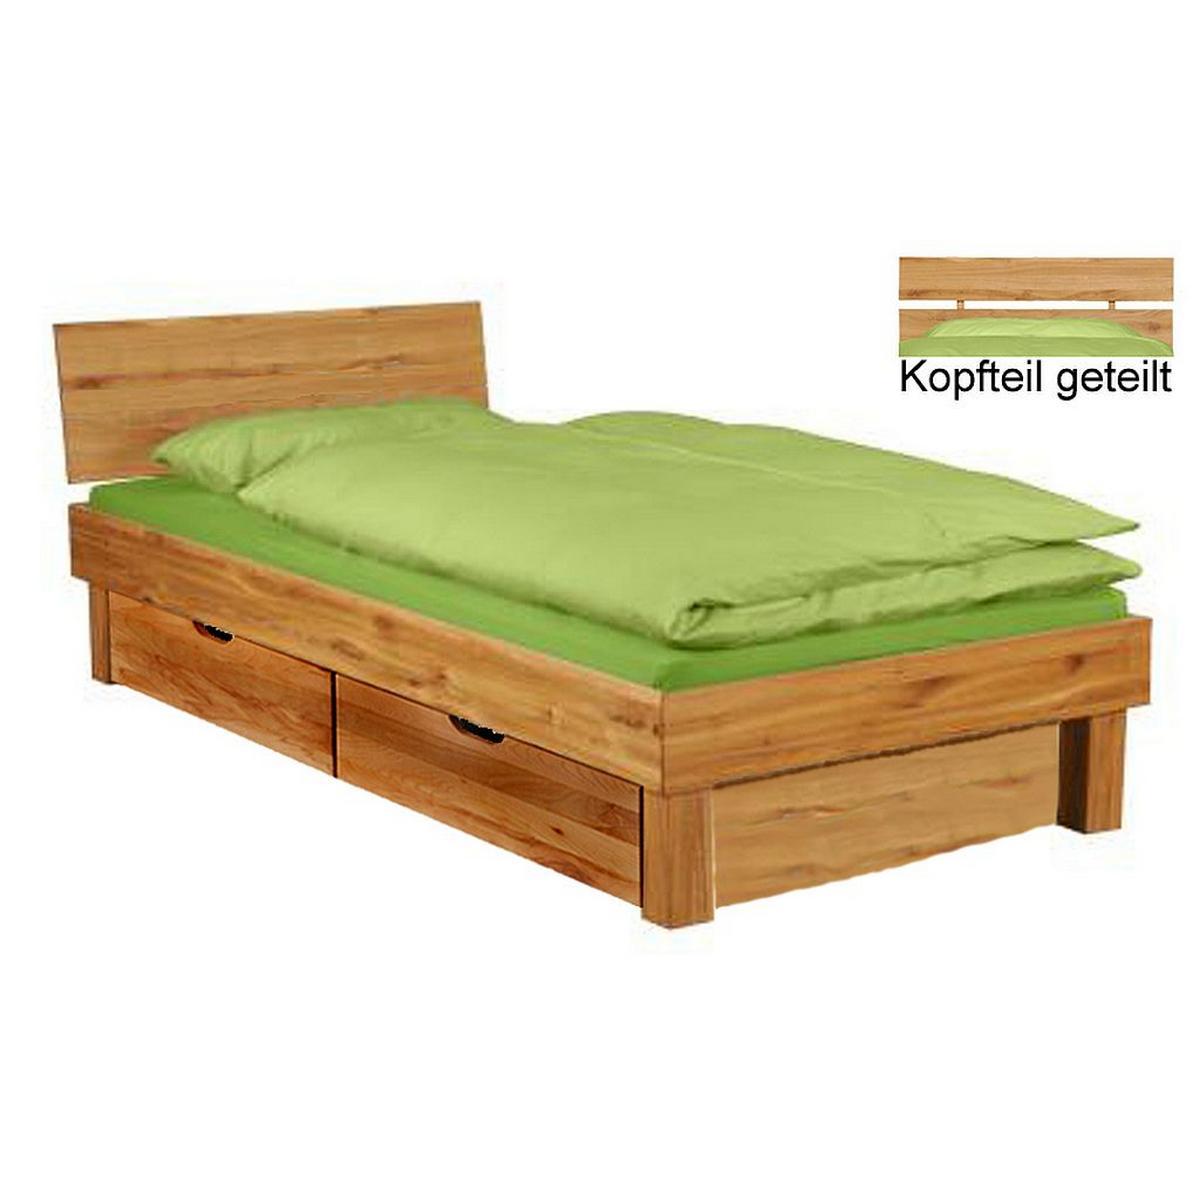 massivholz doppelbett mit schubladen eiche massiv bett wildeiche campino eichenbett 180x200 4. Black Bedroom Furniture Sets. Home Design Ideas